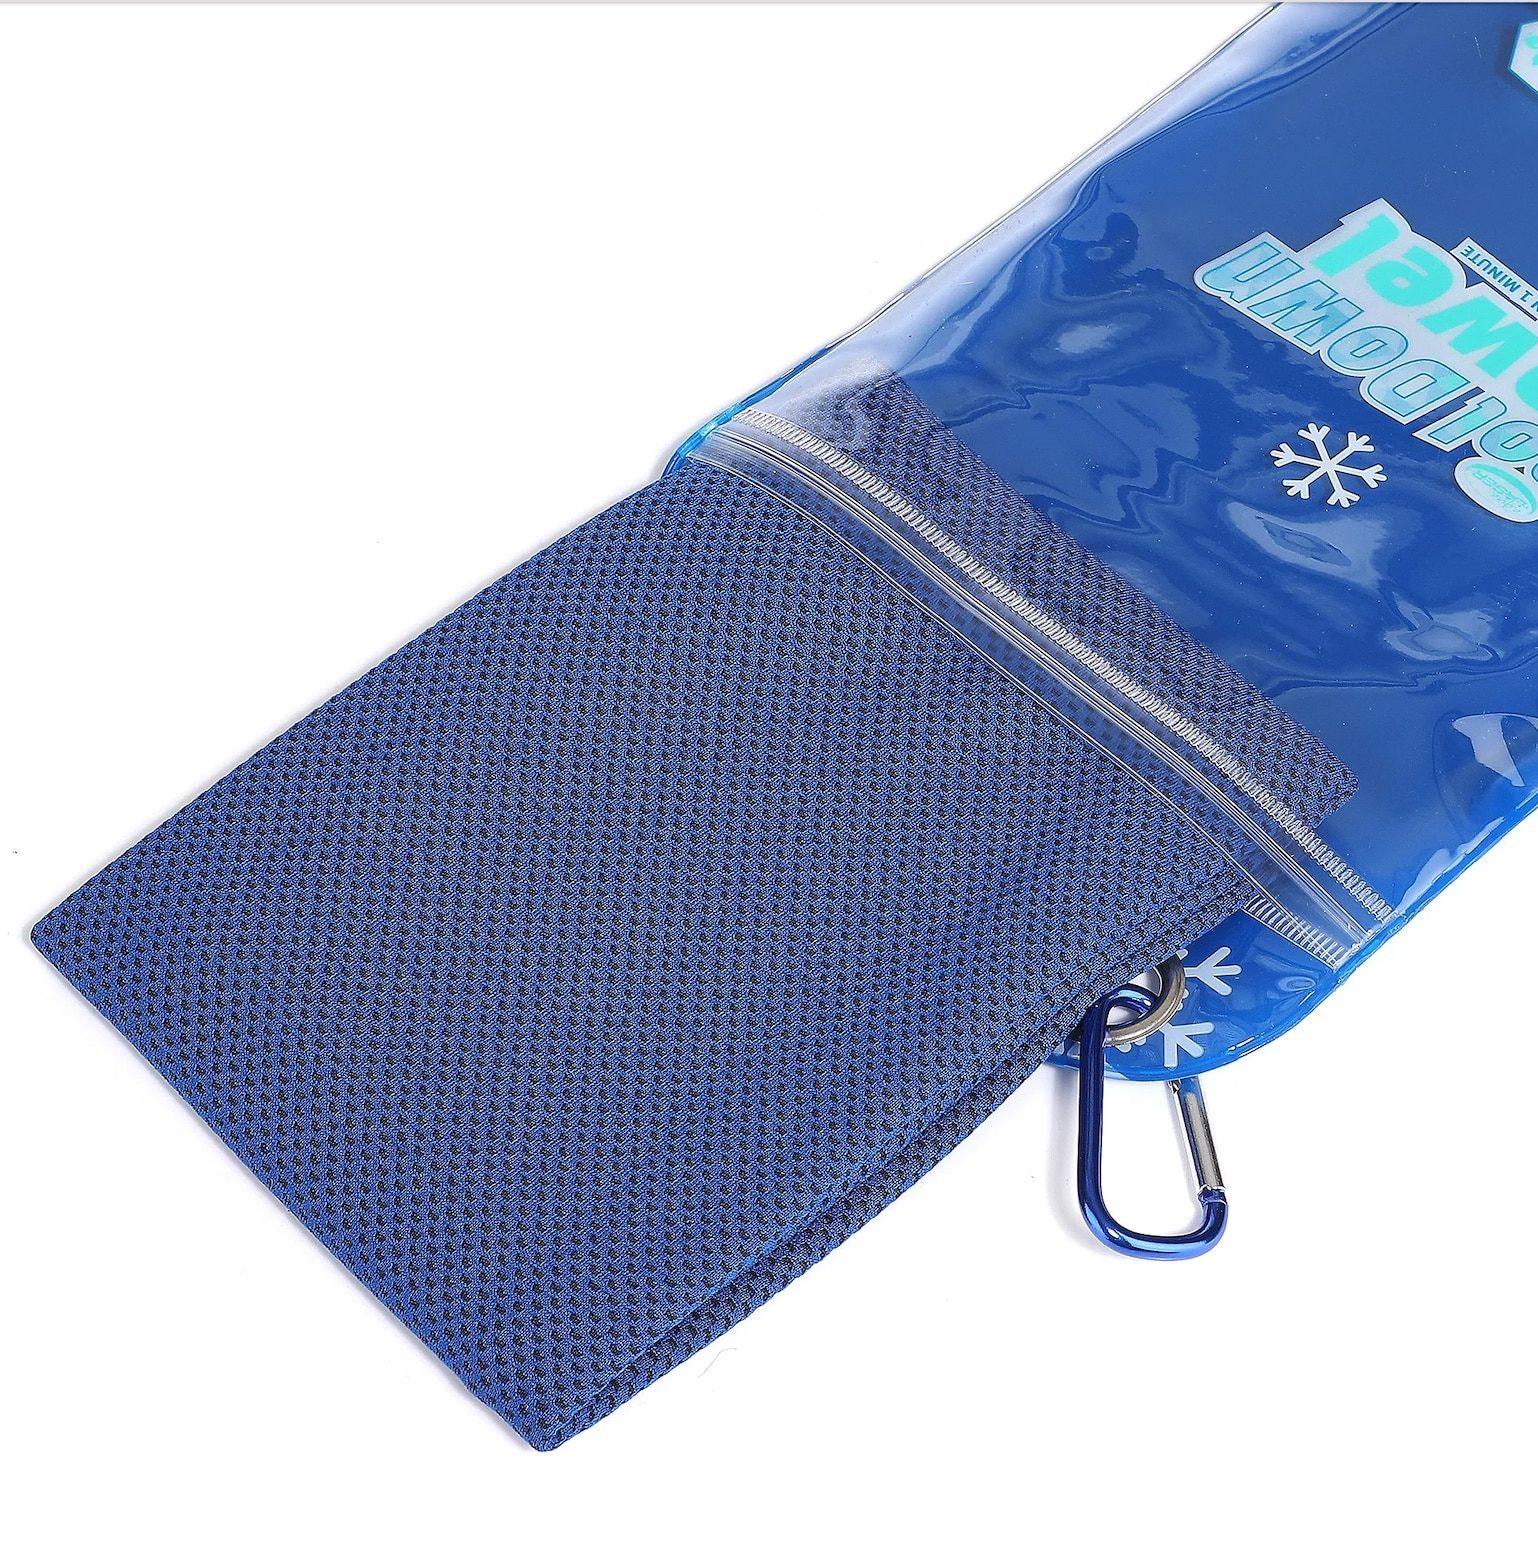 Cool Down Towel blau offen e1624020826151